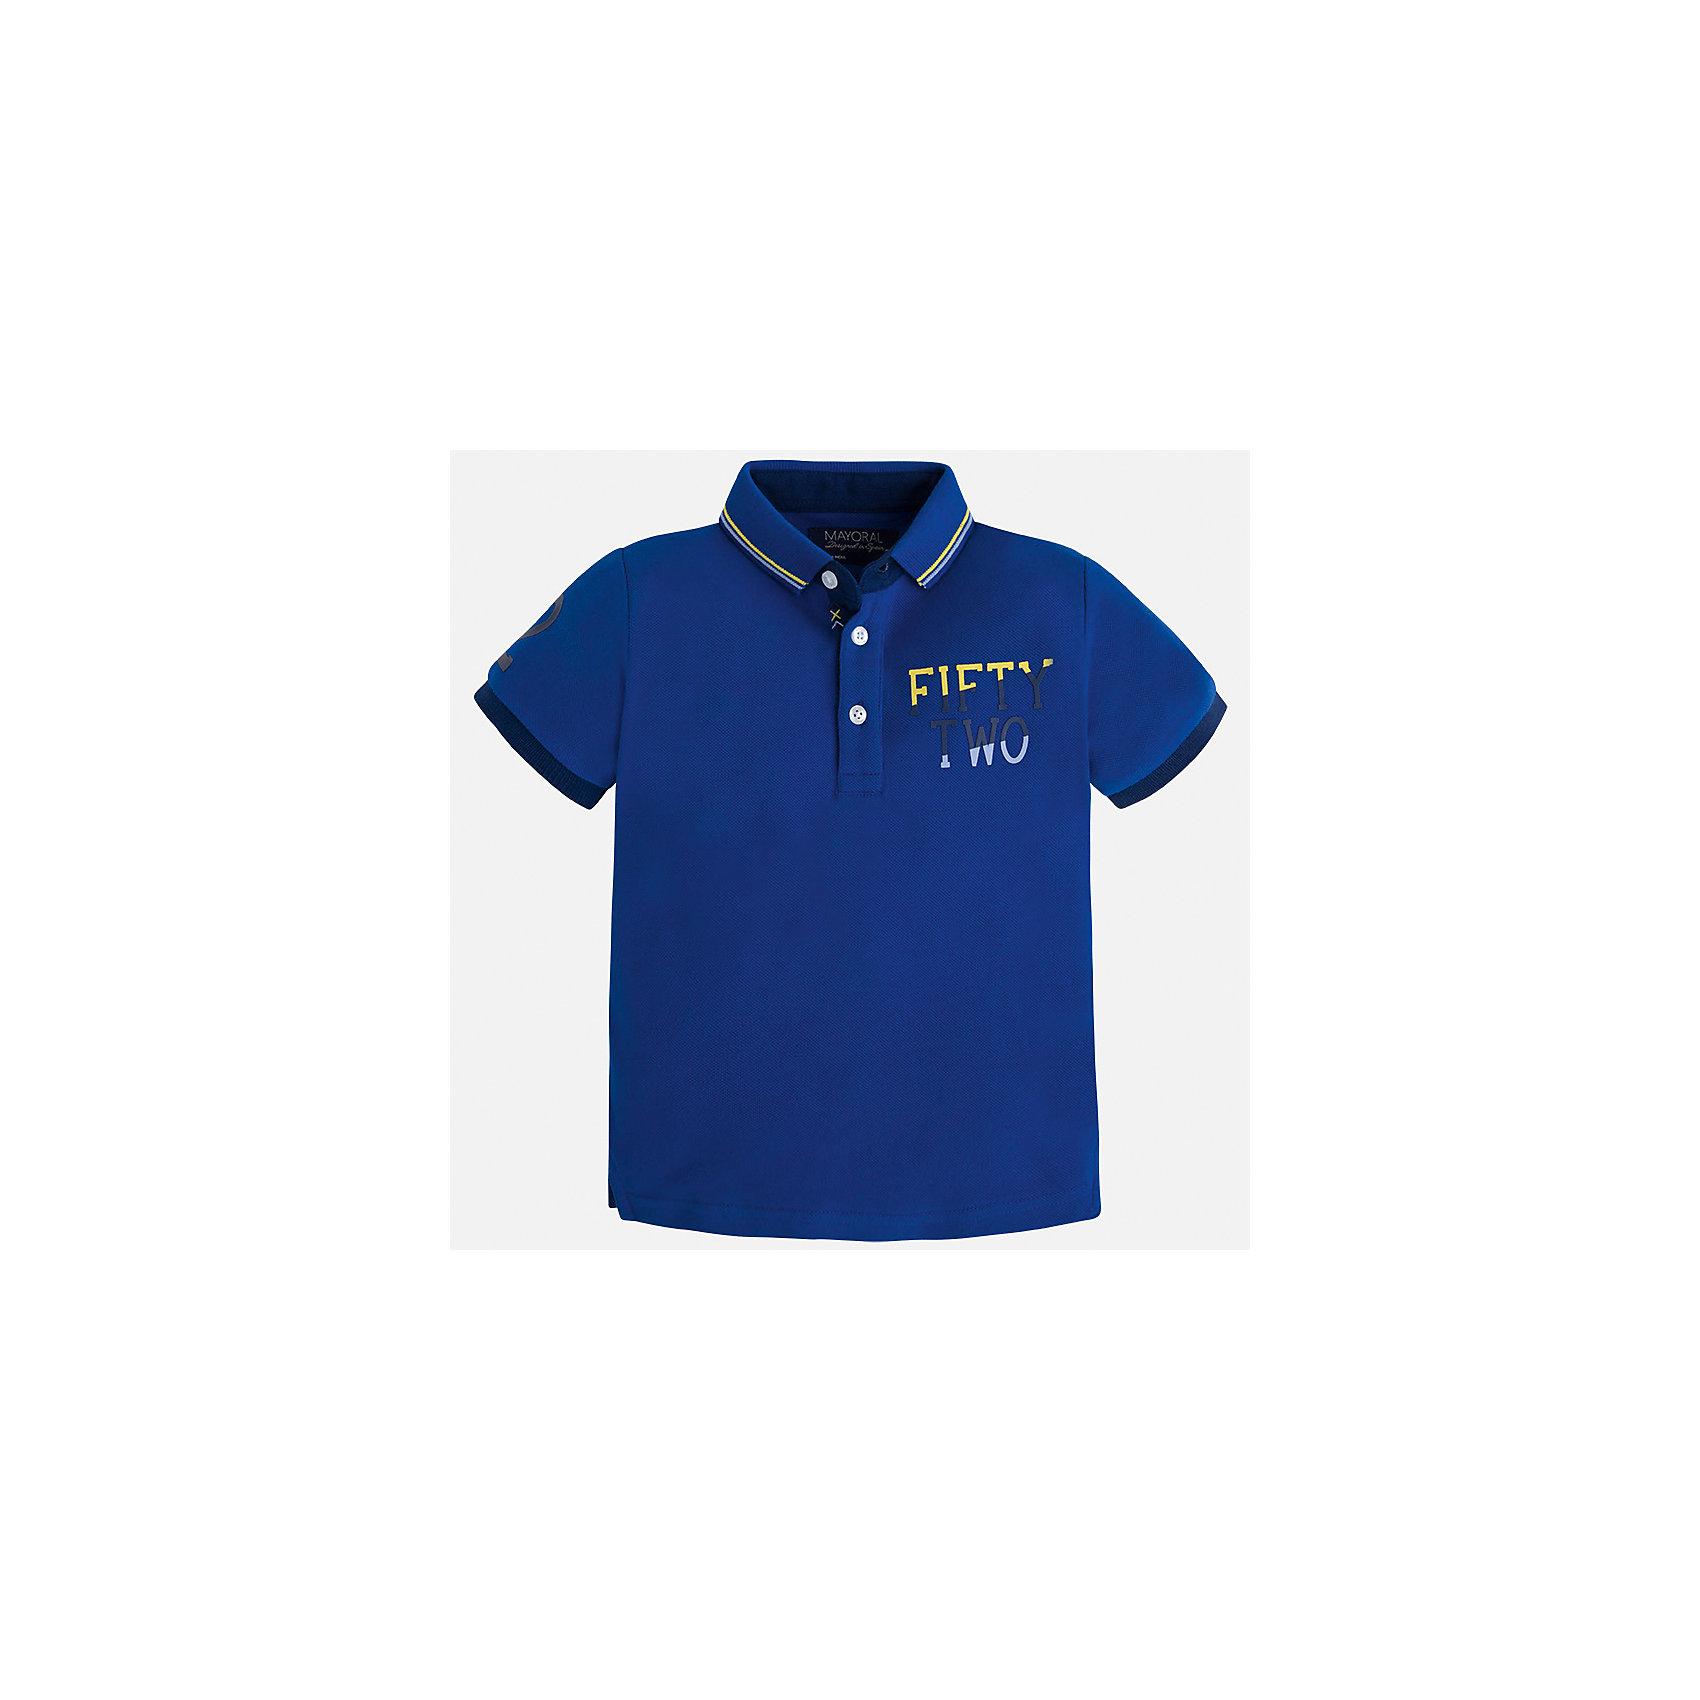 Футболка-поло для мальчика MayoralХарактеристики товара:<br><br>• цвет: синий<br>• состав: 100% хлопок<br>• отложной воротник<br>• короткие рукава<br>• застежка: пуговицы<br>• декорирована принтом<br>• страна бренда: Испания<br><br>Стильная футболка-поло для мальчика может стать базовой вещью в гардеробе ребенка. Она отлично сочетается с брюками, шортами, джинсами и т.д. Универсальный крой и цвет позволяет подобрать к вещи низ разных расцветок. Практичное и стильное изделие! В составе материала - только натуральный хлопок, гипоаллергенный, приятный на ощупь, дышащий.<br><br>Одежда, обувь и аксессуары от испанского бренда Mayoral полюбились детям и взрослым по всему миру. Модели этой марки - стильные и удобные. Для их производства используются только безопасные, качественные материалы и фурнитура. Порадуйте ребенка модными и красивыми вещами от Mayoral! <br><br>Футболку-поло для мальчика от испанского бренда Mayoral (Майорал) можно купить в нашем интернет-магазине.<br><br>Ширина мм: 230<br>Глубина мм: 40<br>Высота мм: 220<br>Вес г: 250<br>Цвет: голубой<br>Возраст от месяцев: 48<br>Возраст до месяцев: 60<br>Пол: Мужской<br>Возраст: Детский<br>Размер: 110,134,122,98,104,116,128,92<br>SKU: 5271931